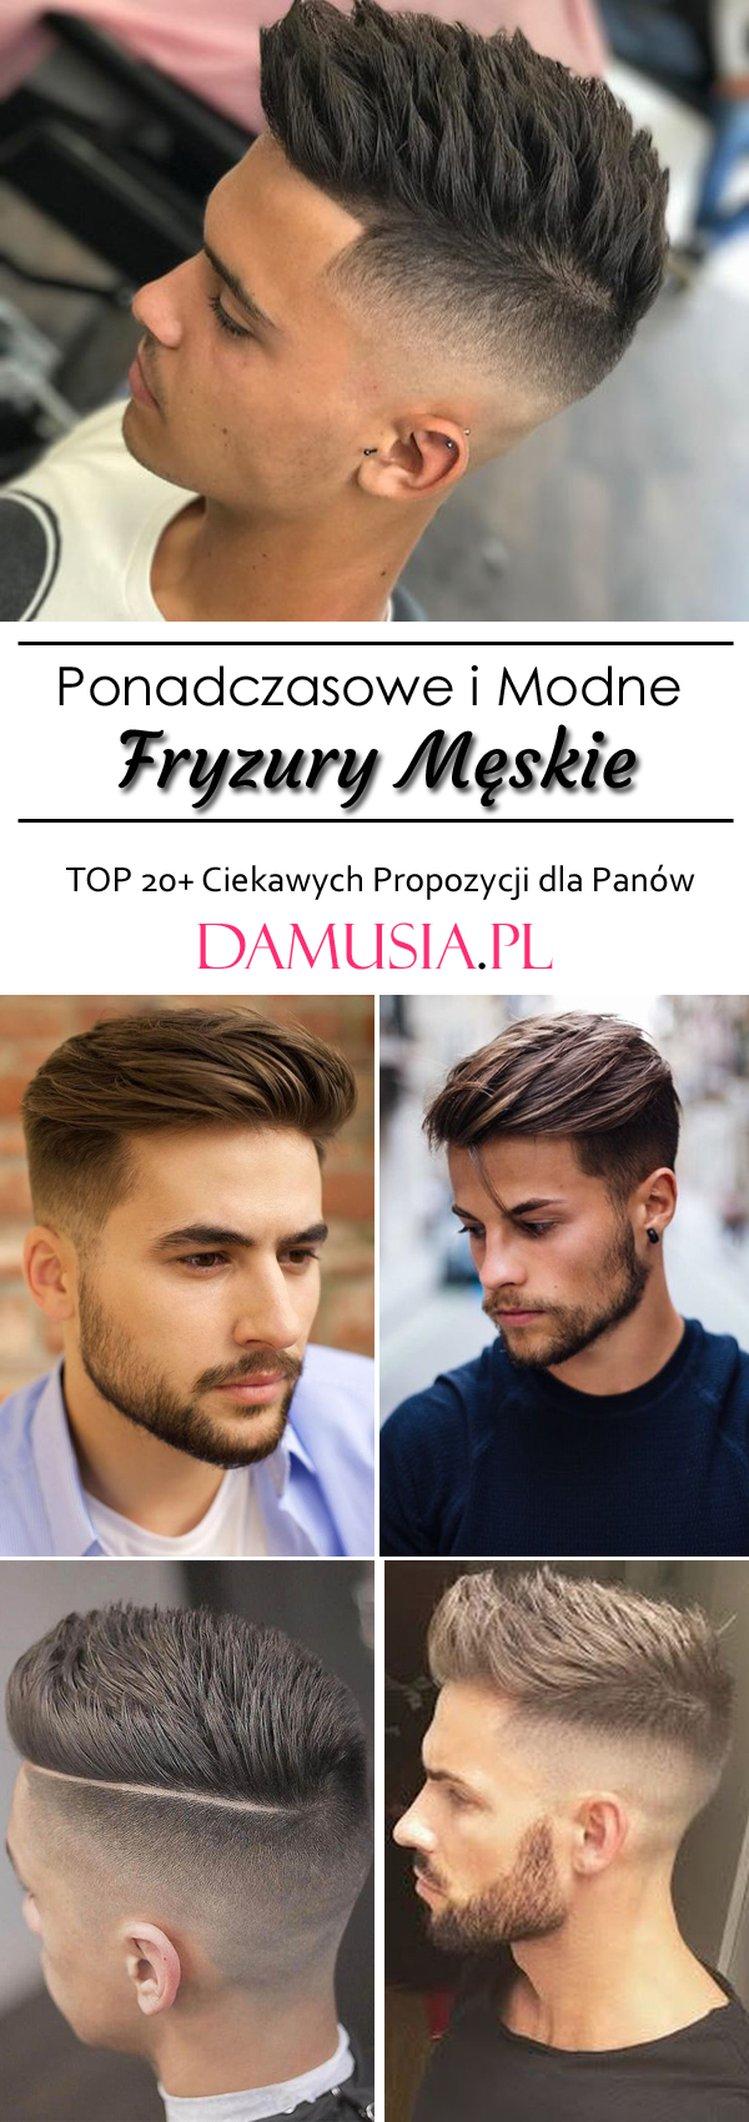 Ponadczasowe I Modne Fryzury Męskie Top 20 Ciekawych